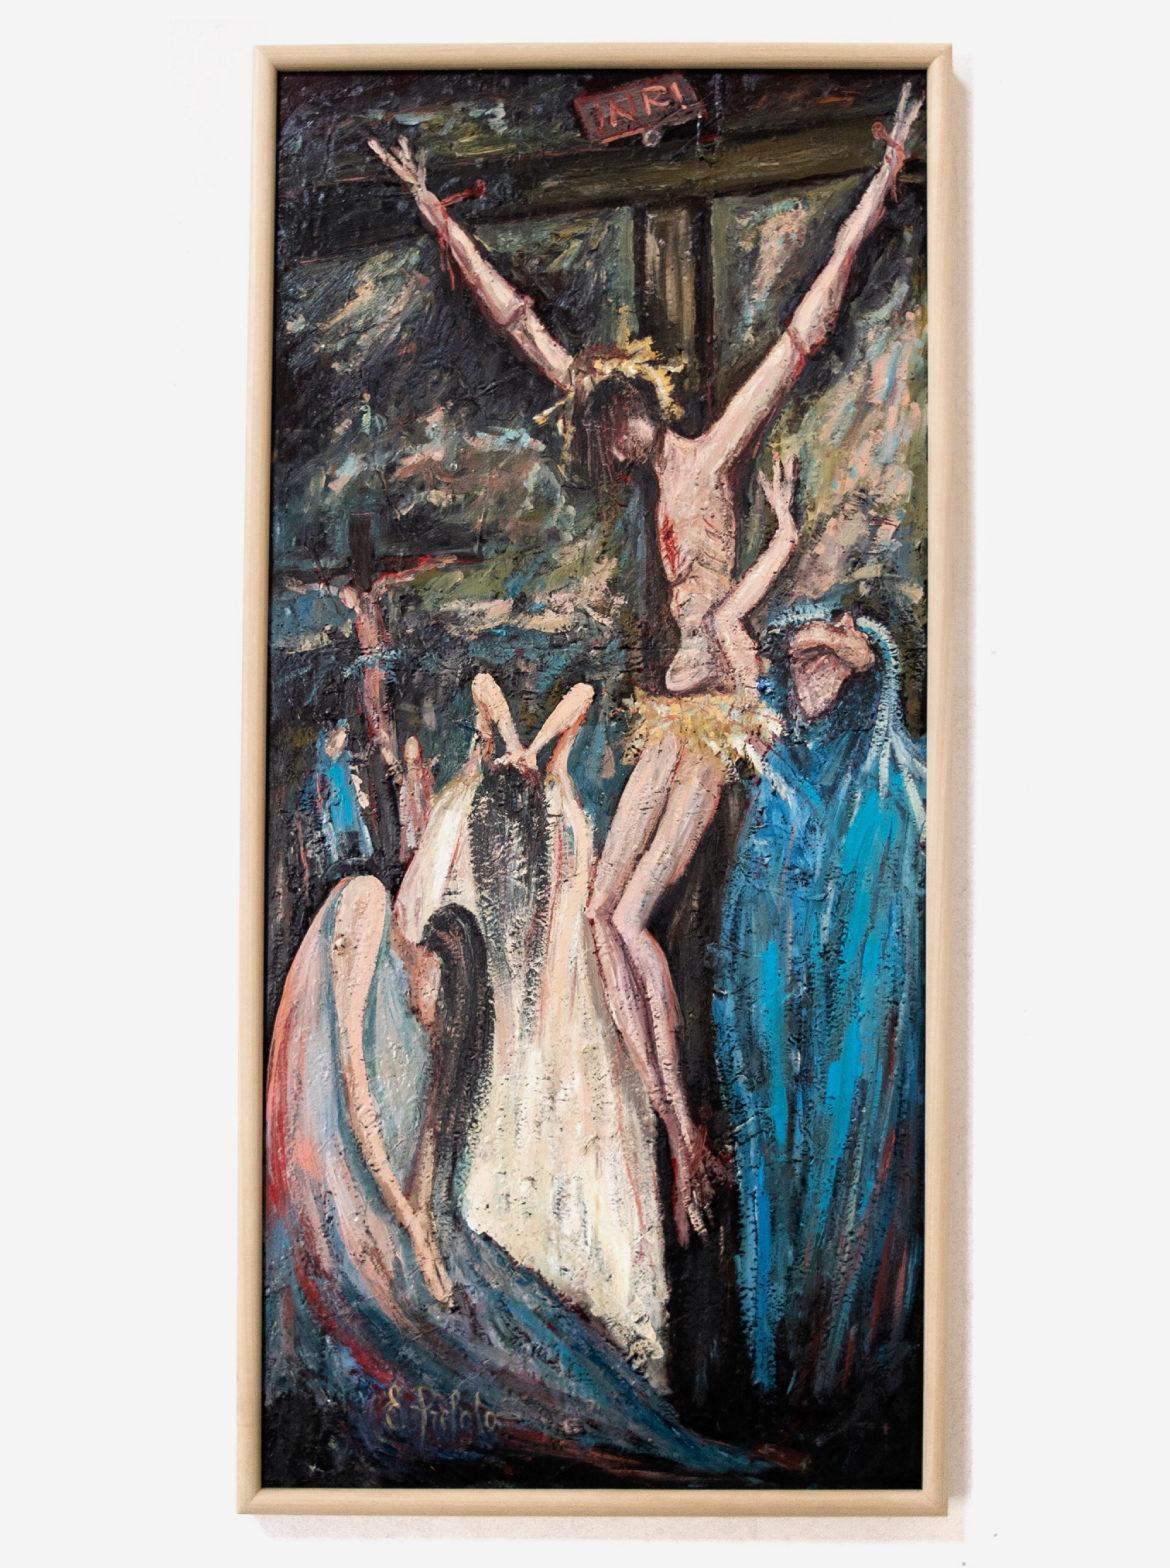 Sacralità, opera di Enrico Prelato